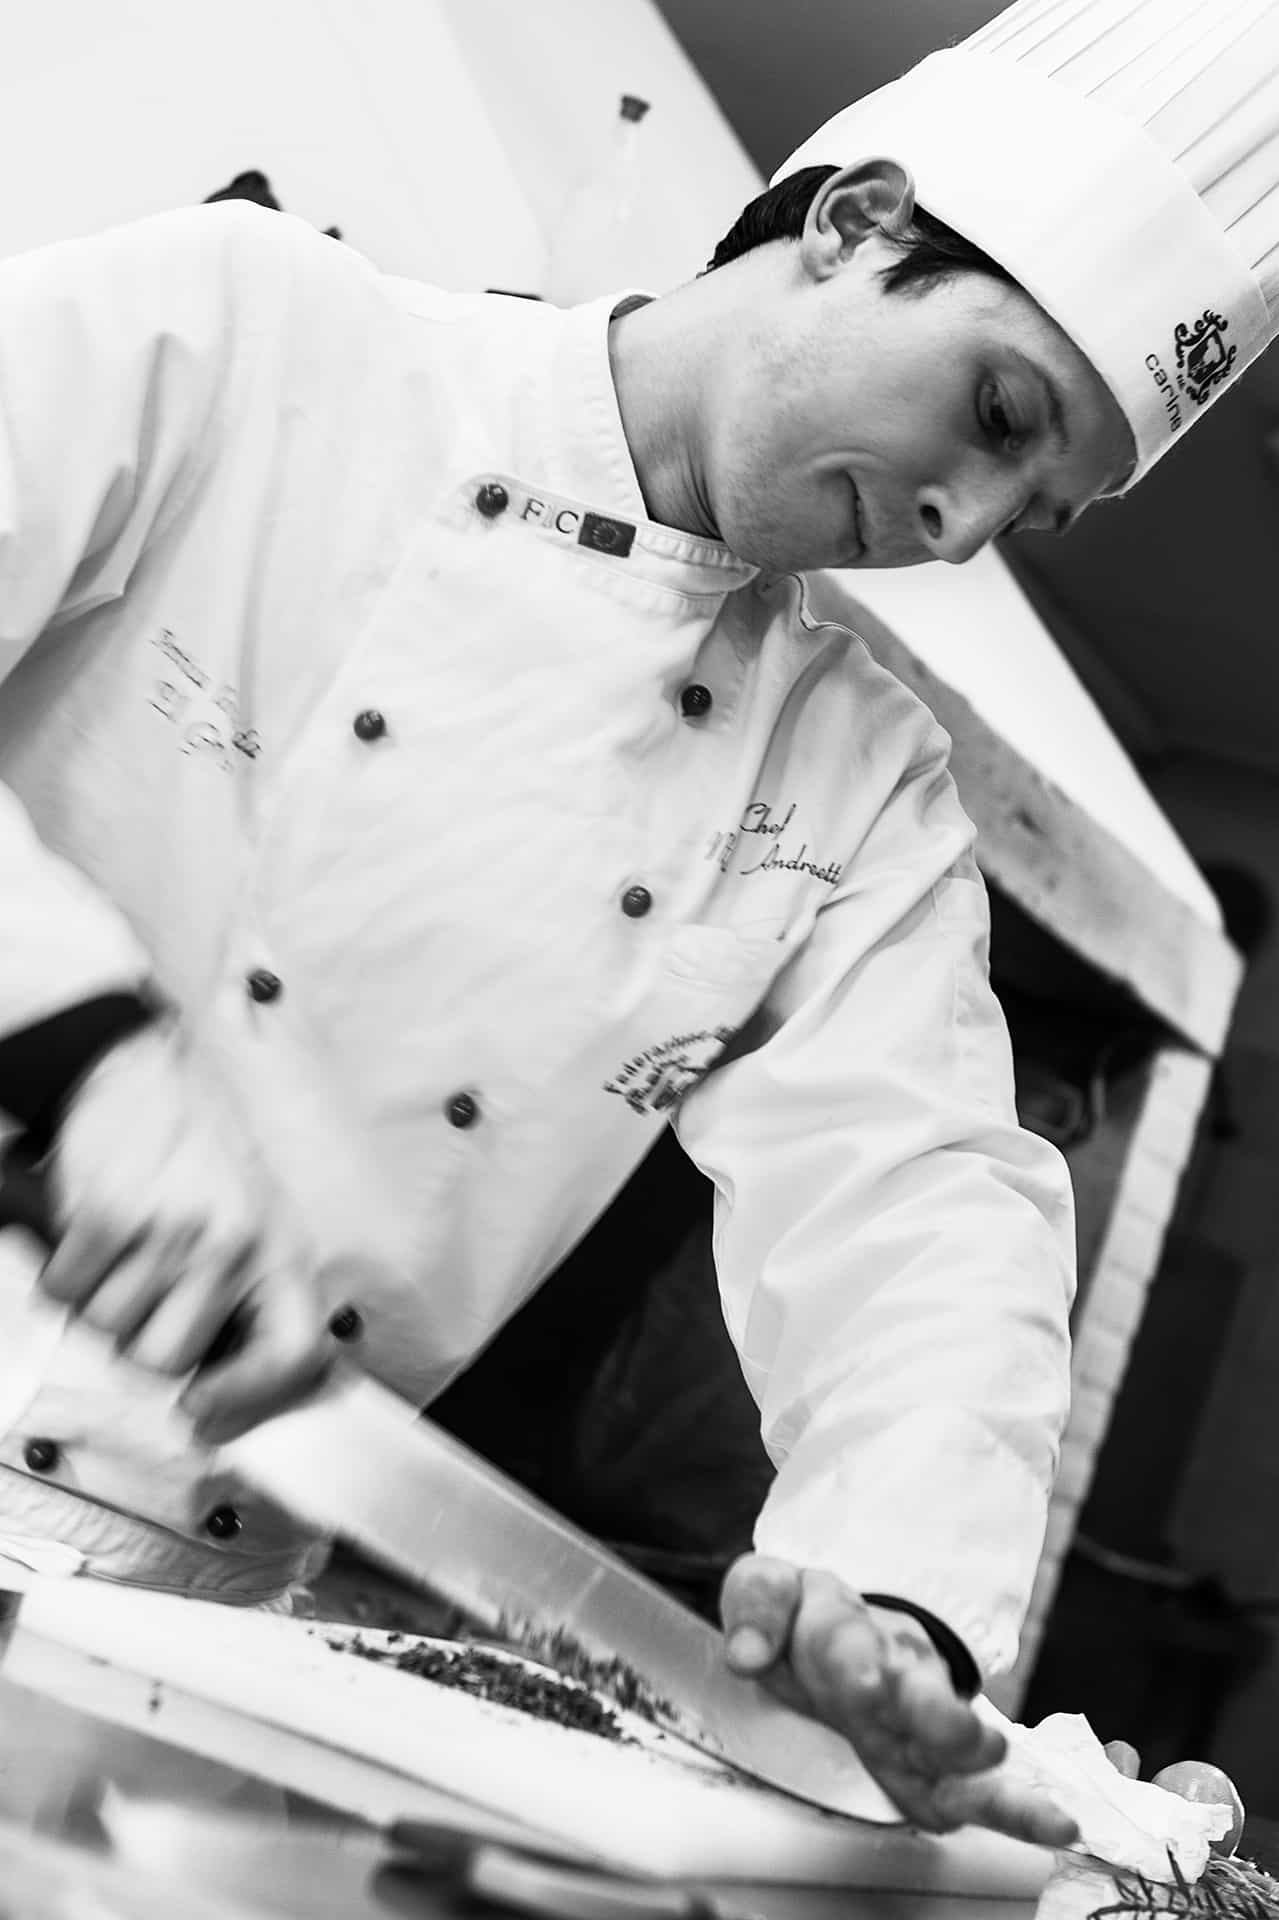 Nicola_Andreetto-Chef_Antica_locanda_el_grio